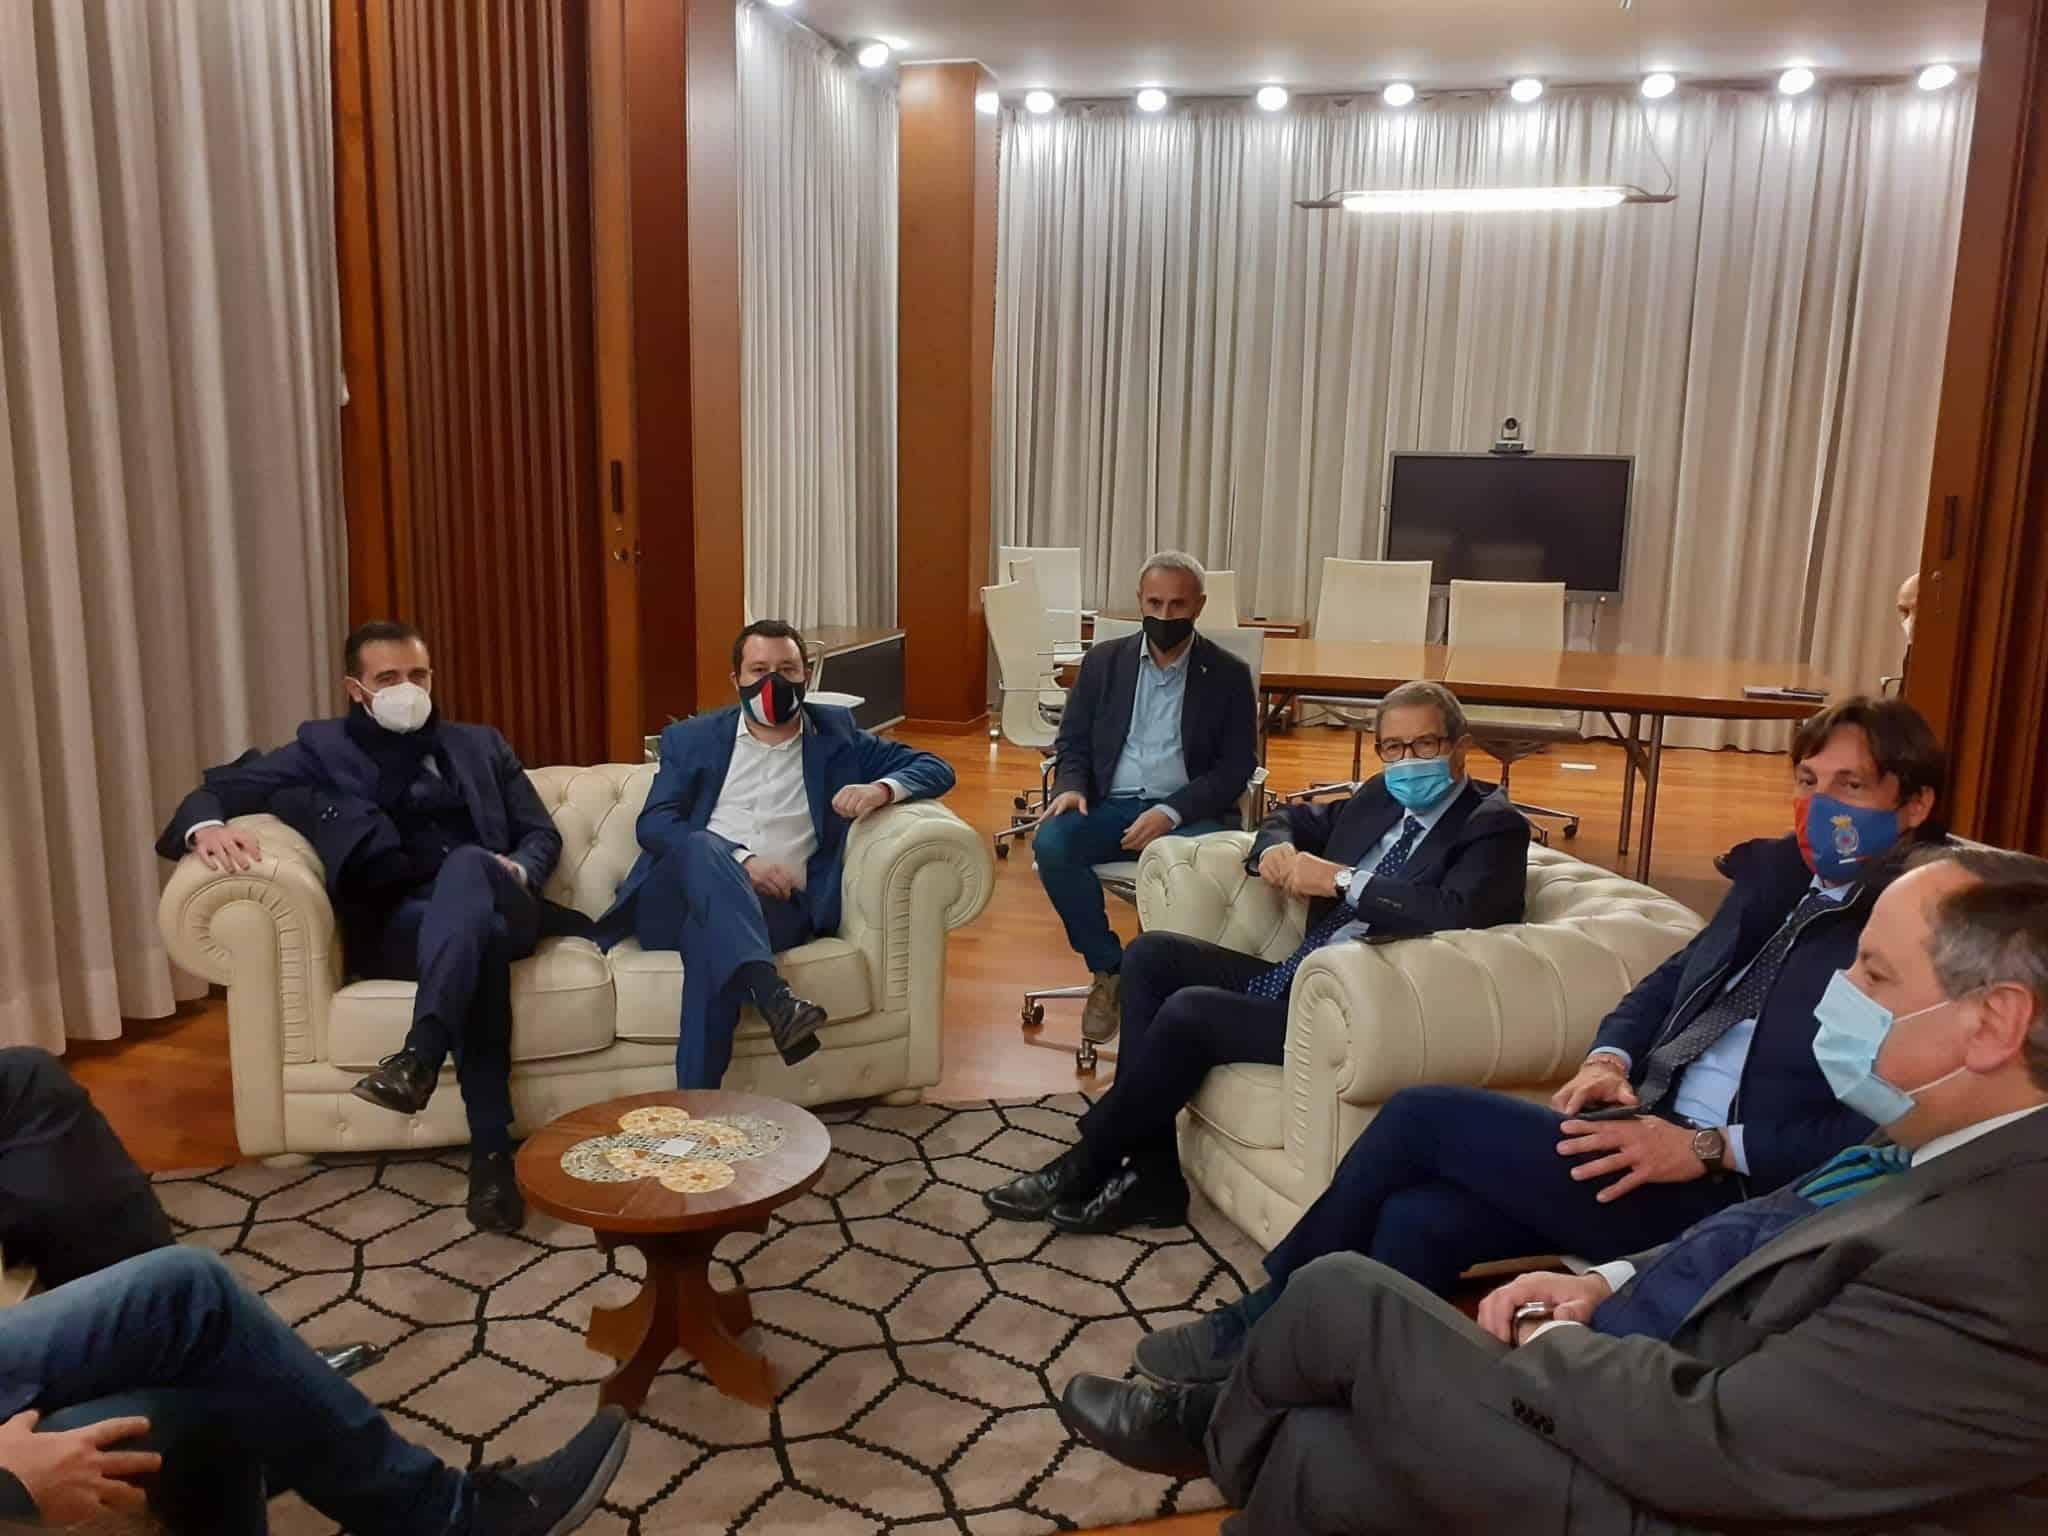 Ponte sullo Stretto, infrastrutture ed economia in Sicilia: incontro tra Musumeci, Salvini e Catalfamo